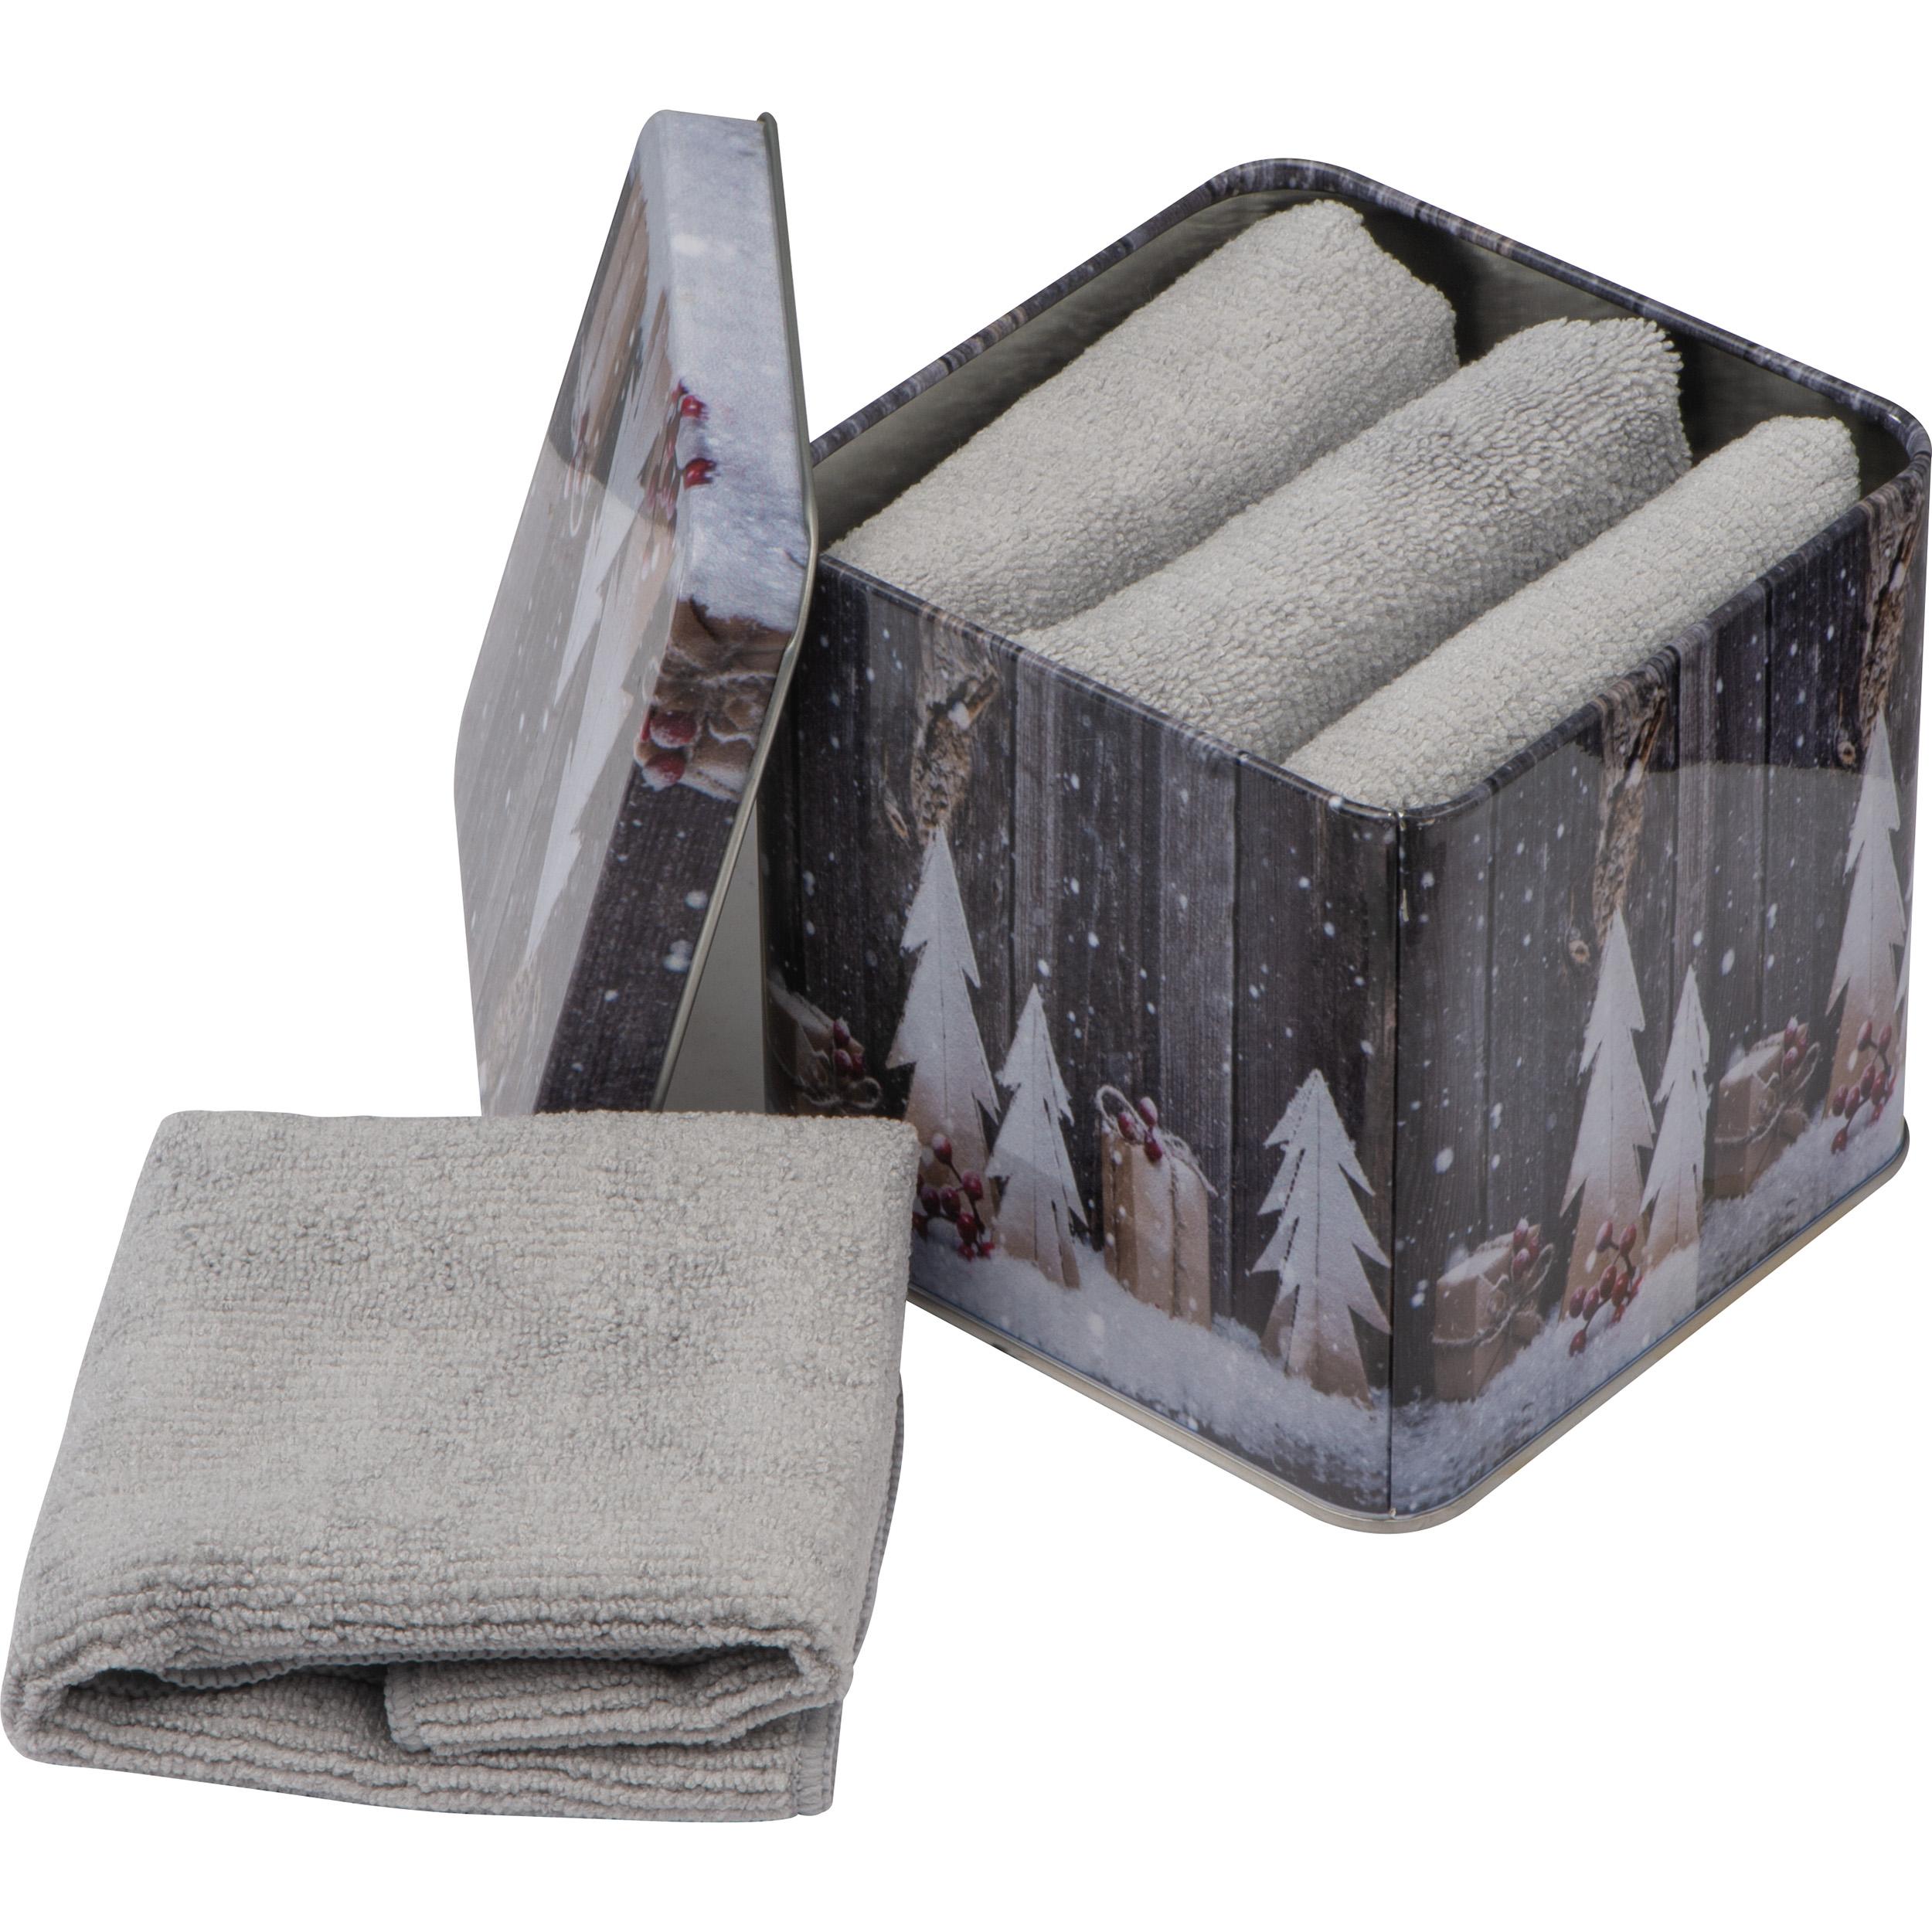 Handtücher aus Mikrofaser in einer Metallbox